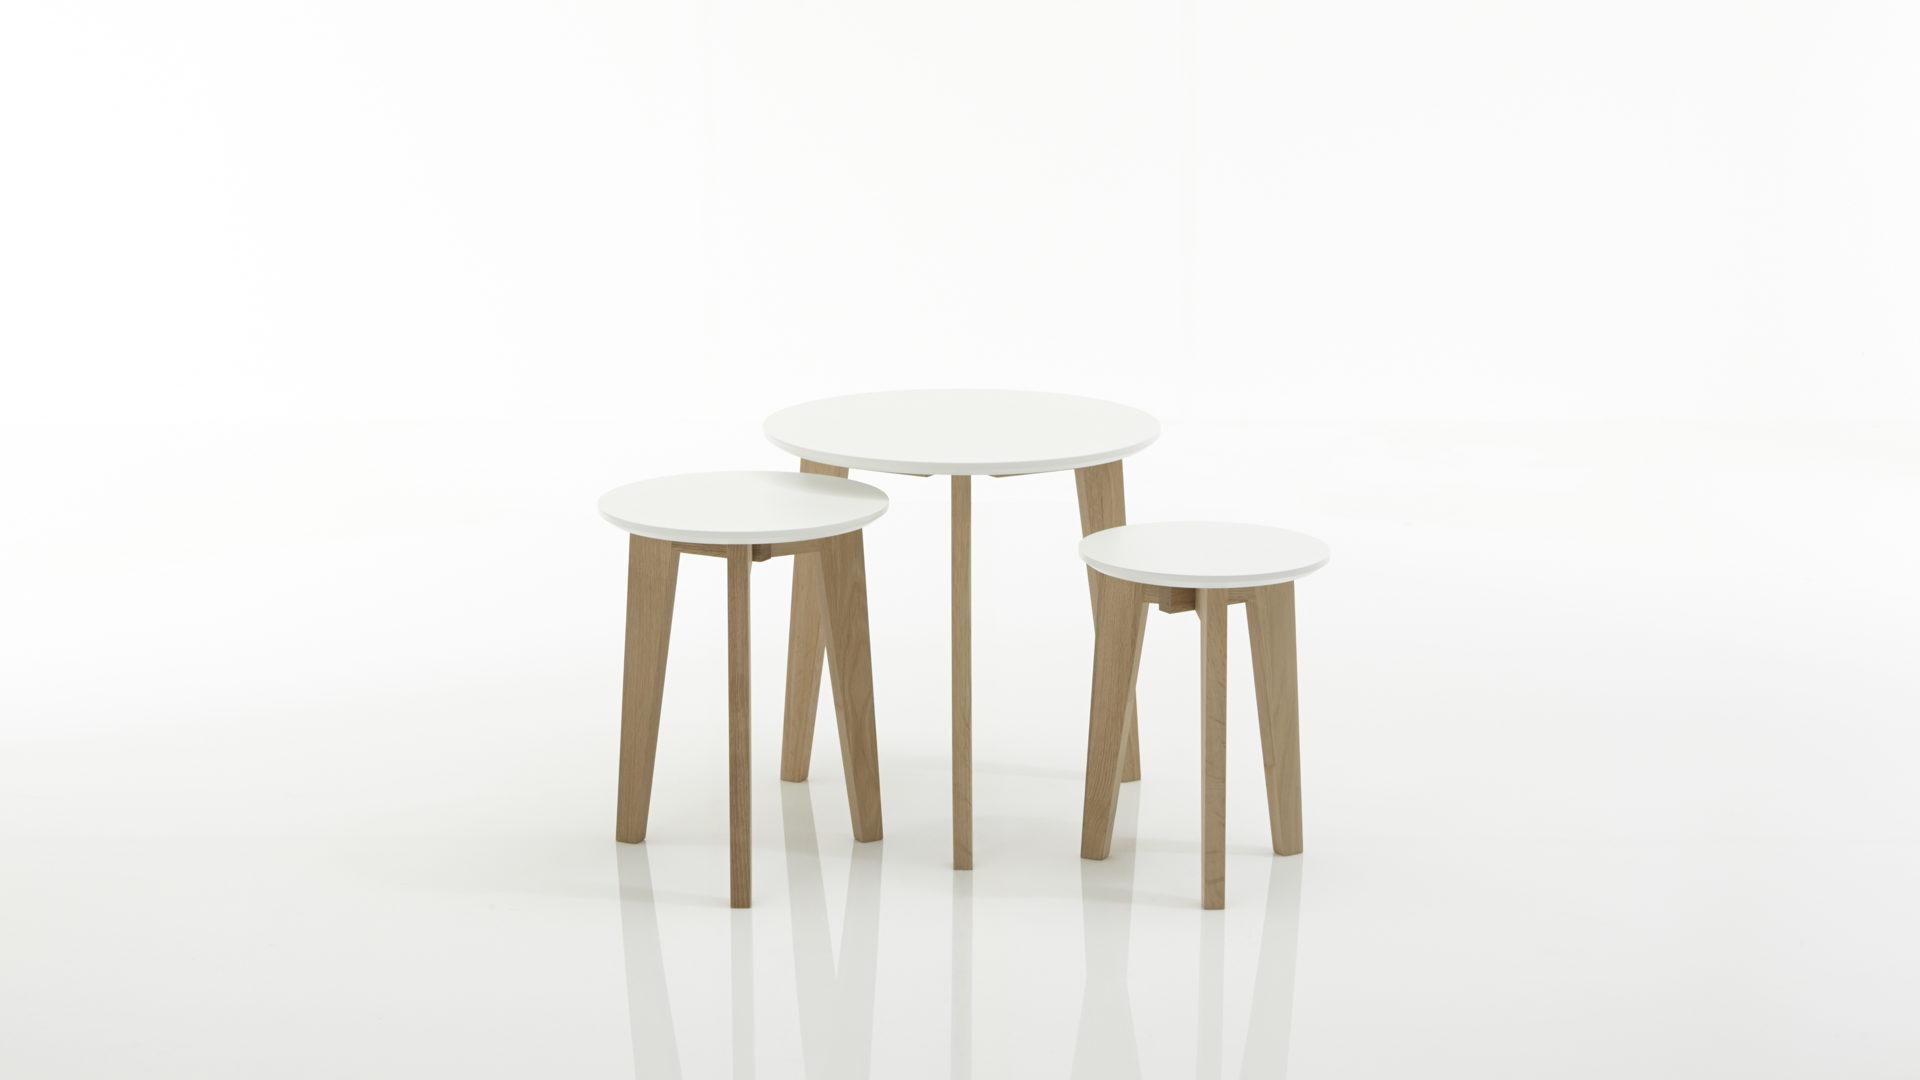 Beistelltisch Set, Ein 3 Teiliger Satztisch , Weiß Lackierte Holzplatten U0026,  Bad Homburg Bei Frankfurt